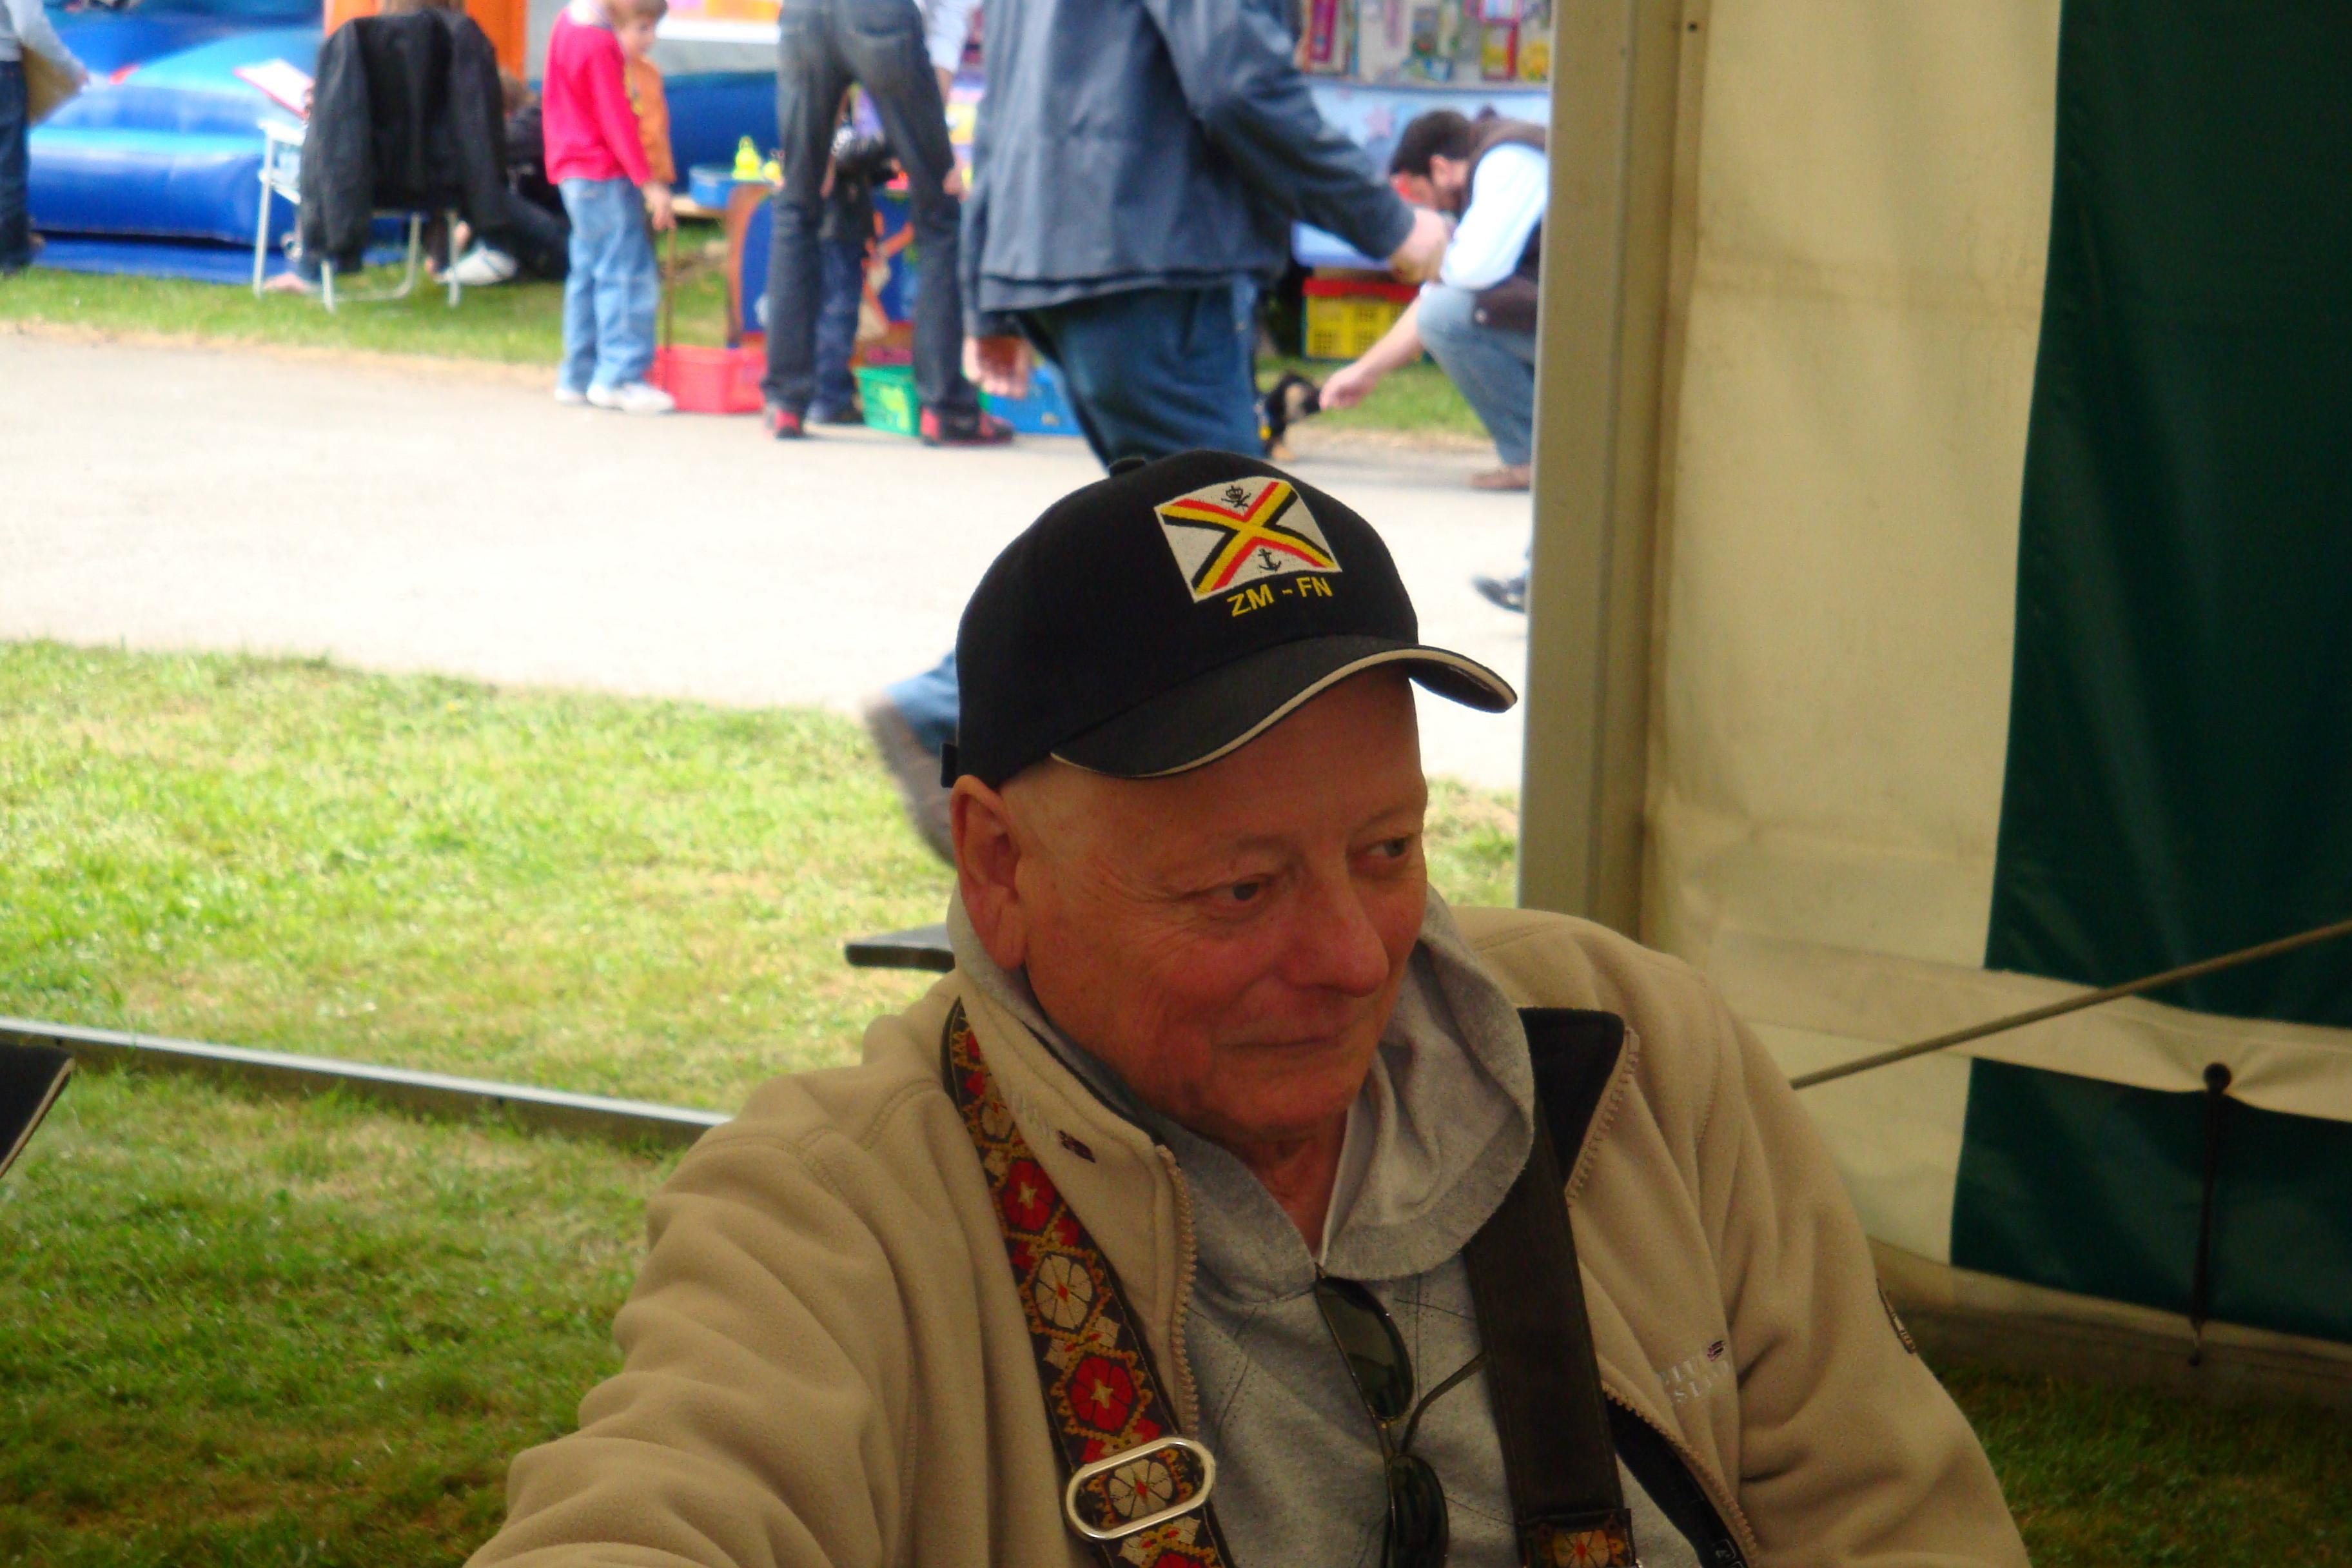 photos de la réunion des anciens à Ittre le 1er mai 2010 - Page 4 100502122926990285945137